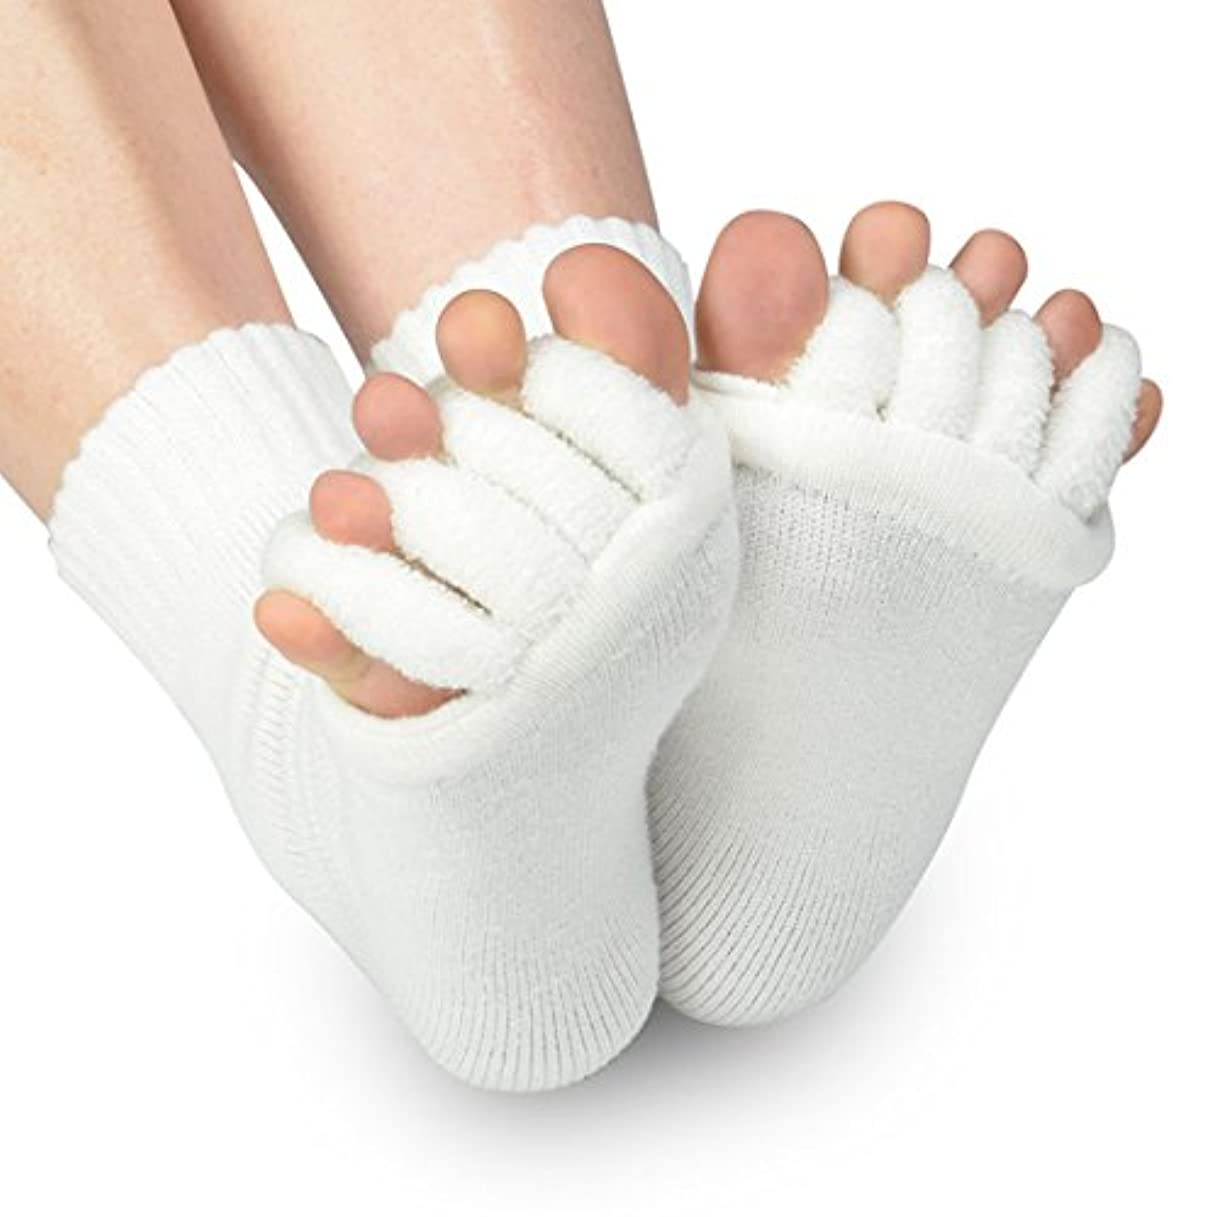 試みファントム水星B-PING 靴下 足指開き綿混5本指ハーフソックス 血行不良からくる足のむくみを即解消 足指開き 足指全開 男女兼用 履くだけで癒される 偏平足 対策 むくみ解消